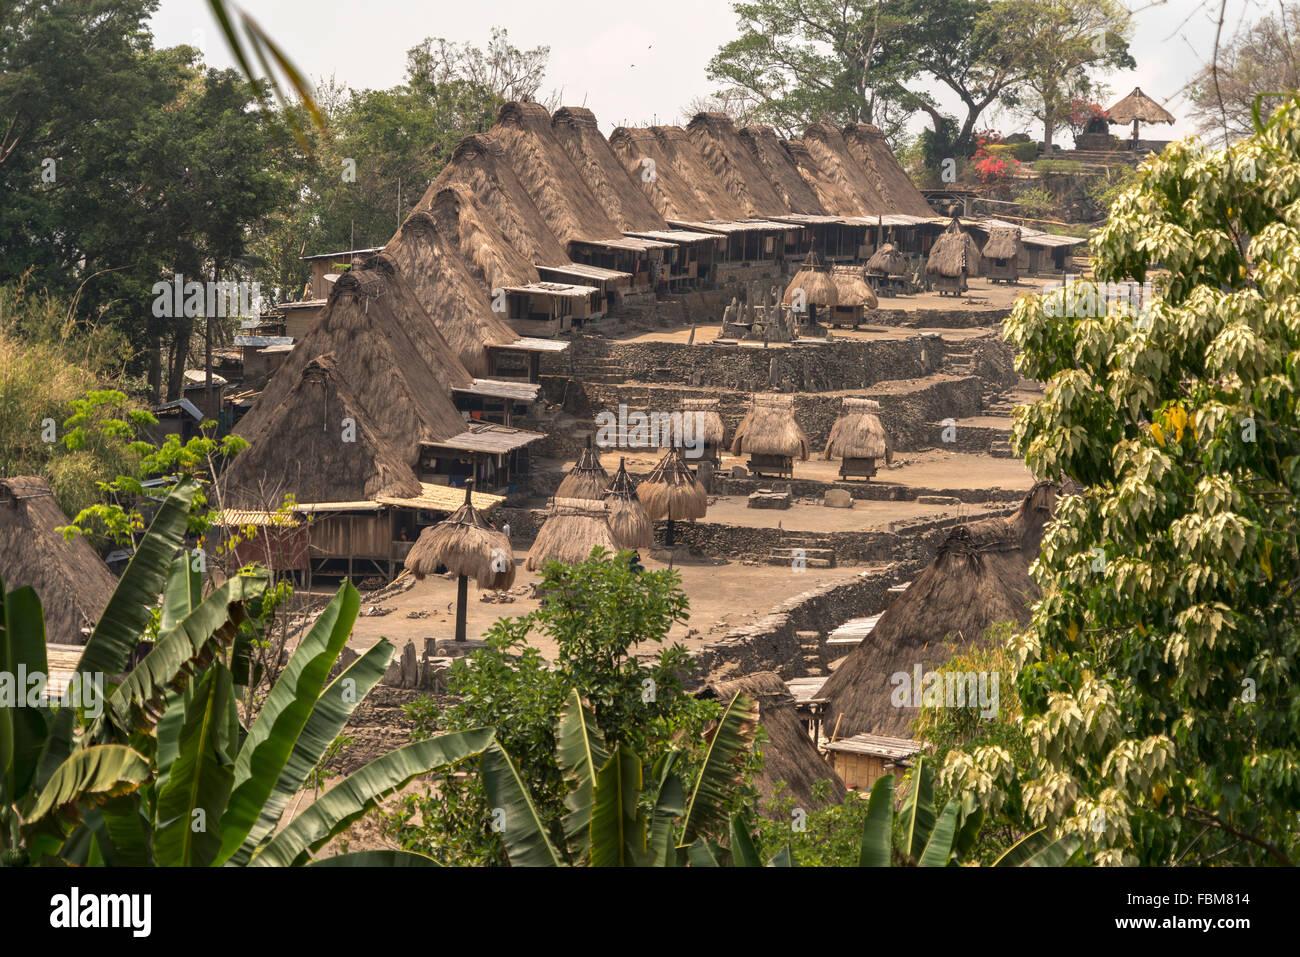 traditionelle hohe strohgedeckte Häuser und Schreine in der Ngada Dorf Bena in der Nähe von Bajawa, Flores, Stockbild